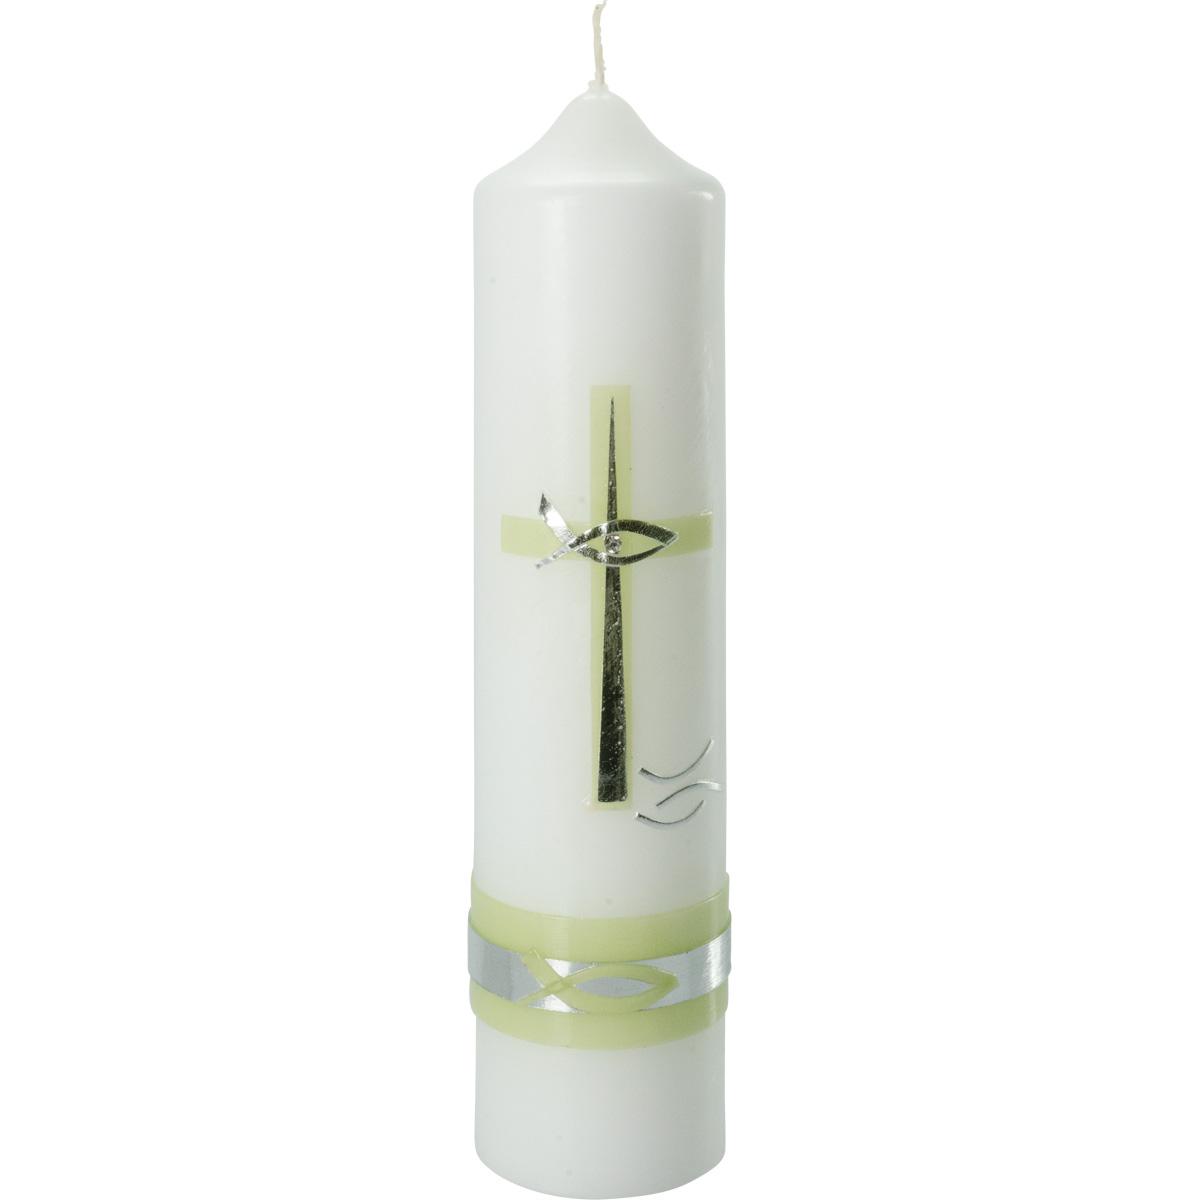 Taufkerze, #4025, Höhe=265mm, Ø=60mm, Kreuz, grün, silber